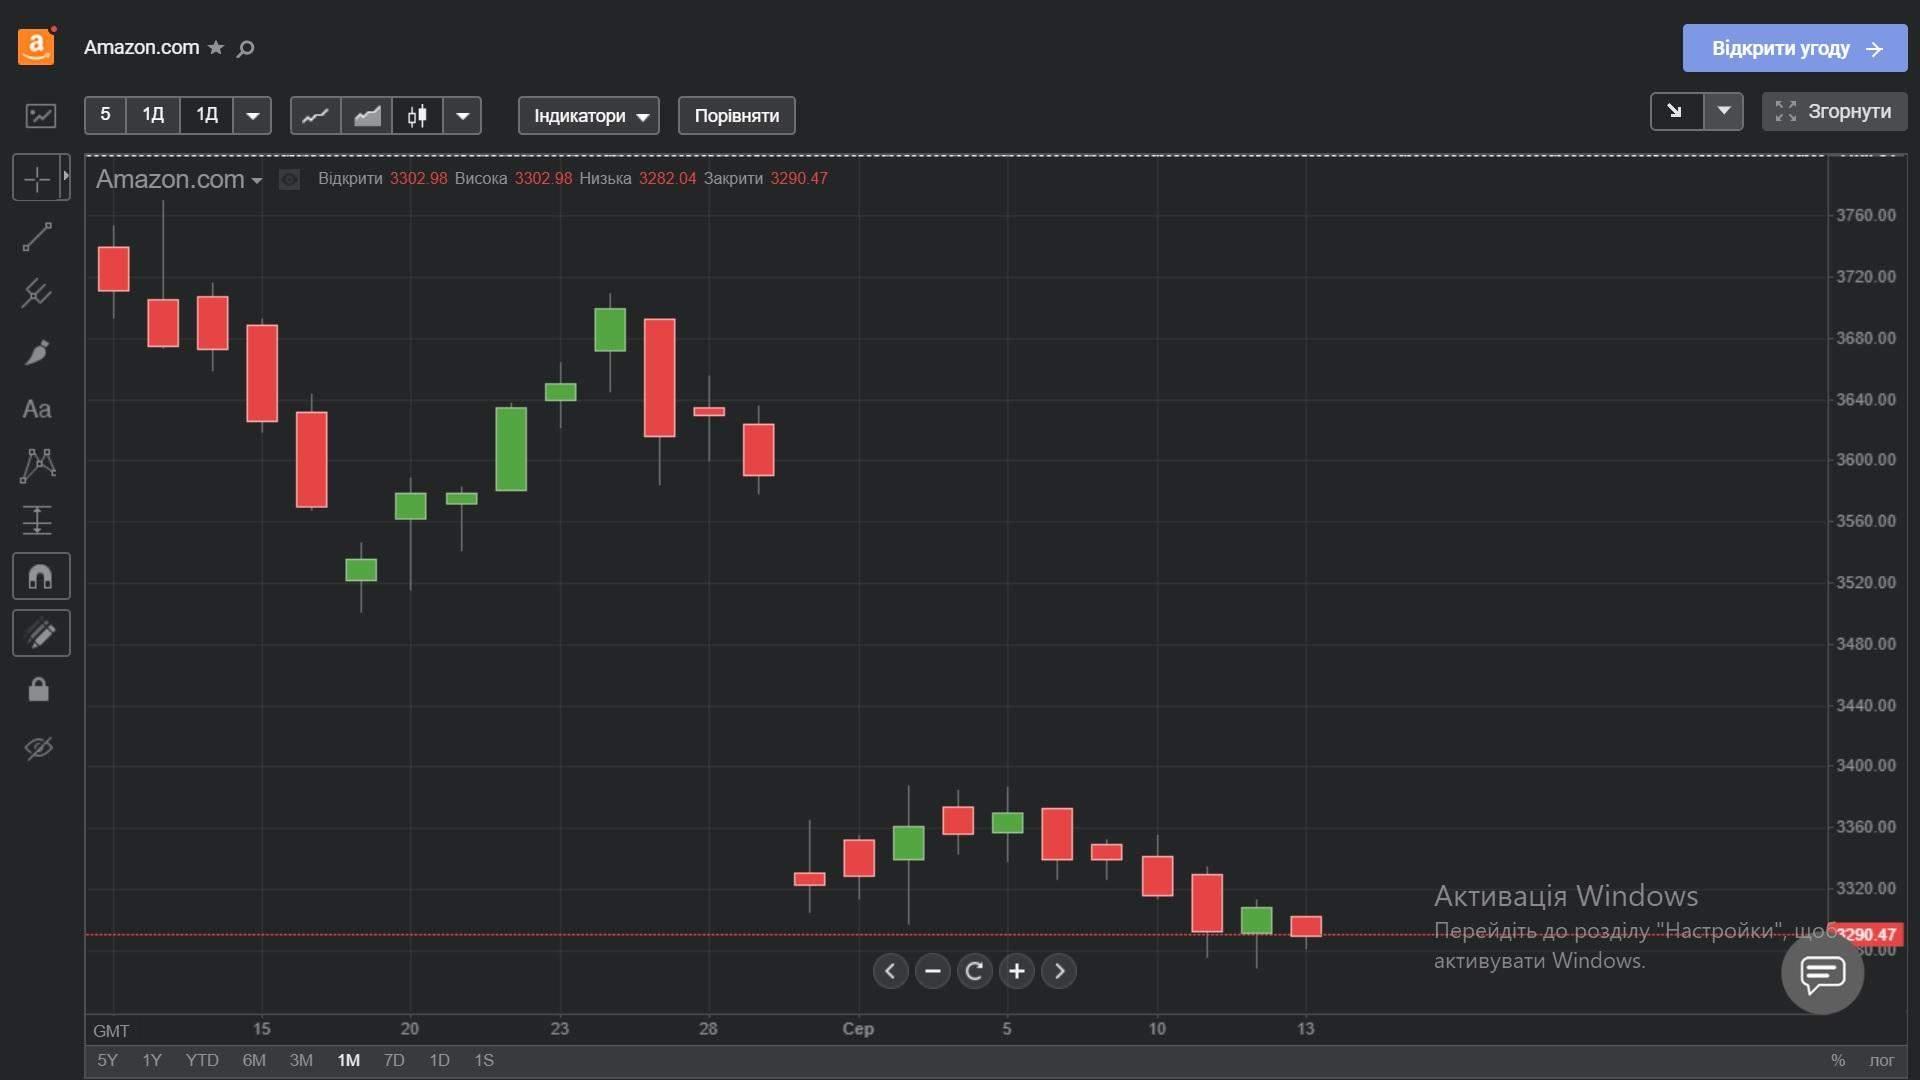 Акції Amazon протягом останнього місяця